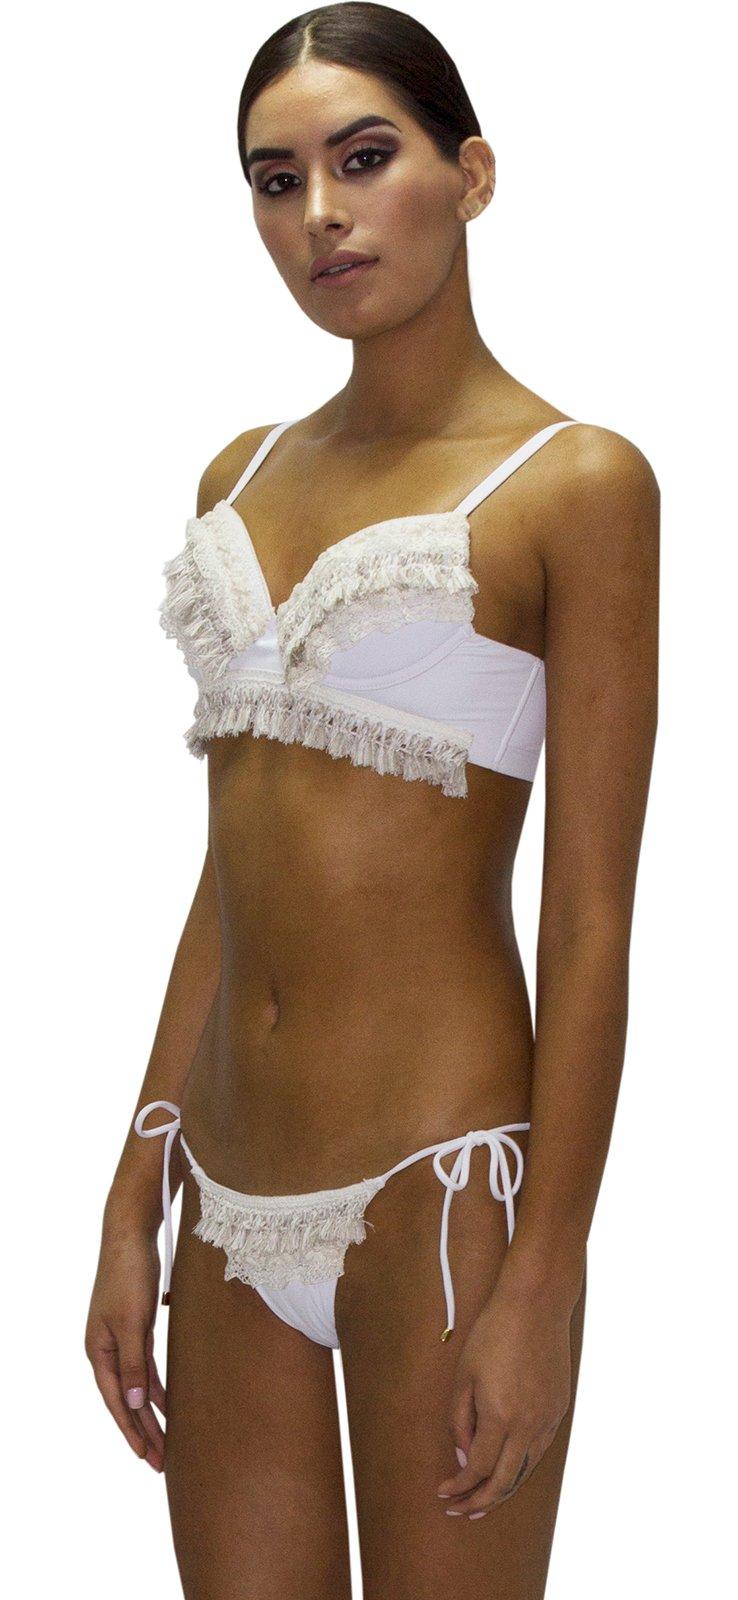 b659033f7601 Bikini Lujo Blanco Con Flecos - Fringe Jungla Natural